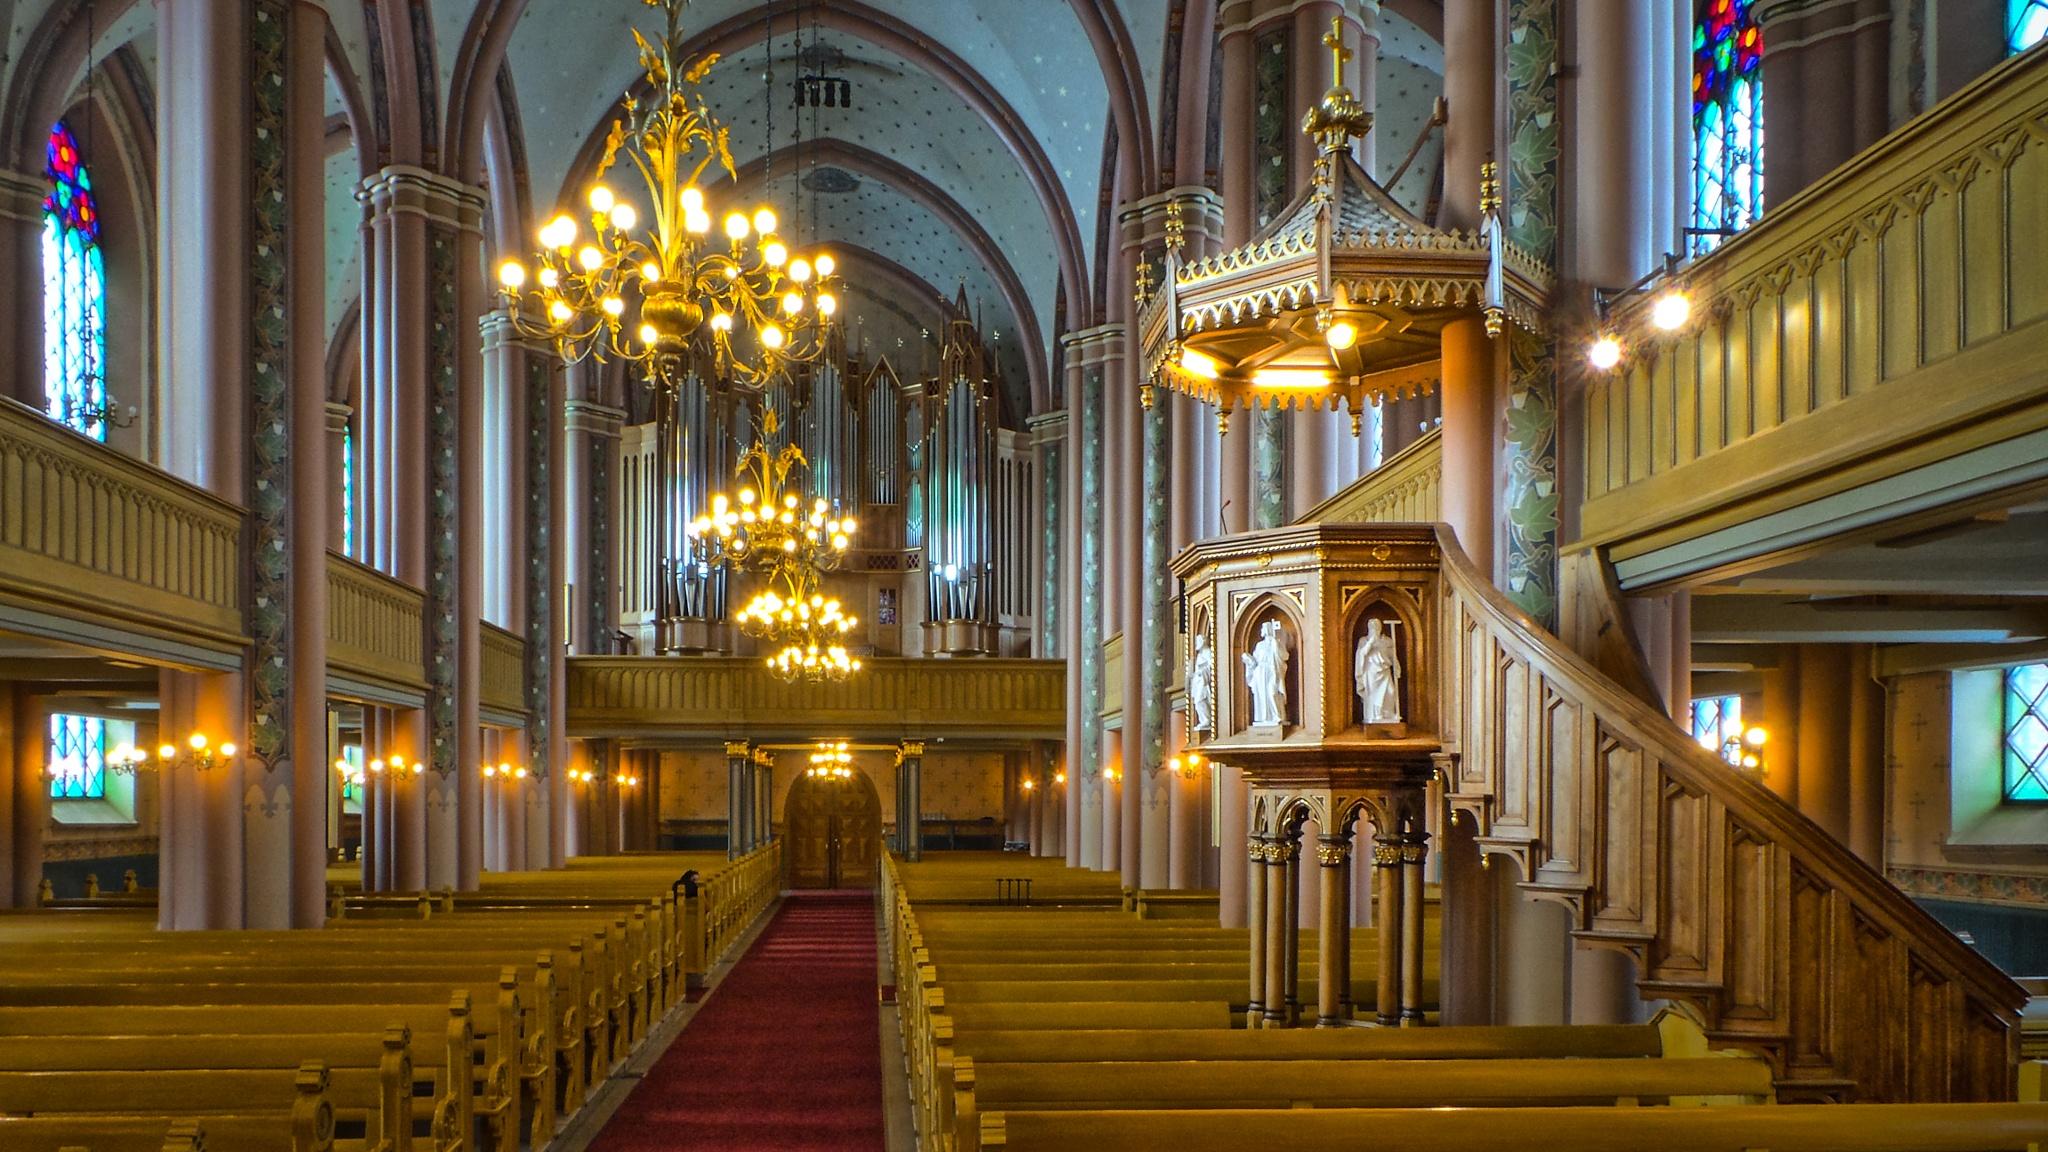 Central Pori Church by Karographix